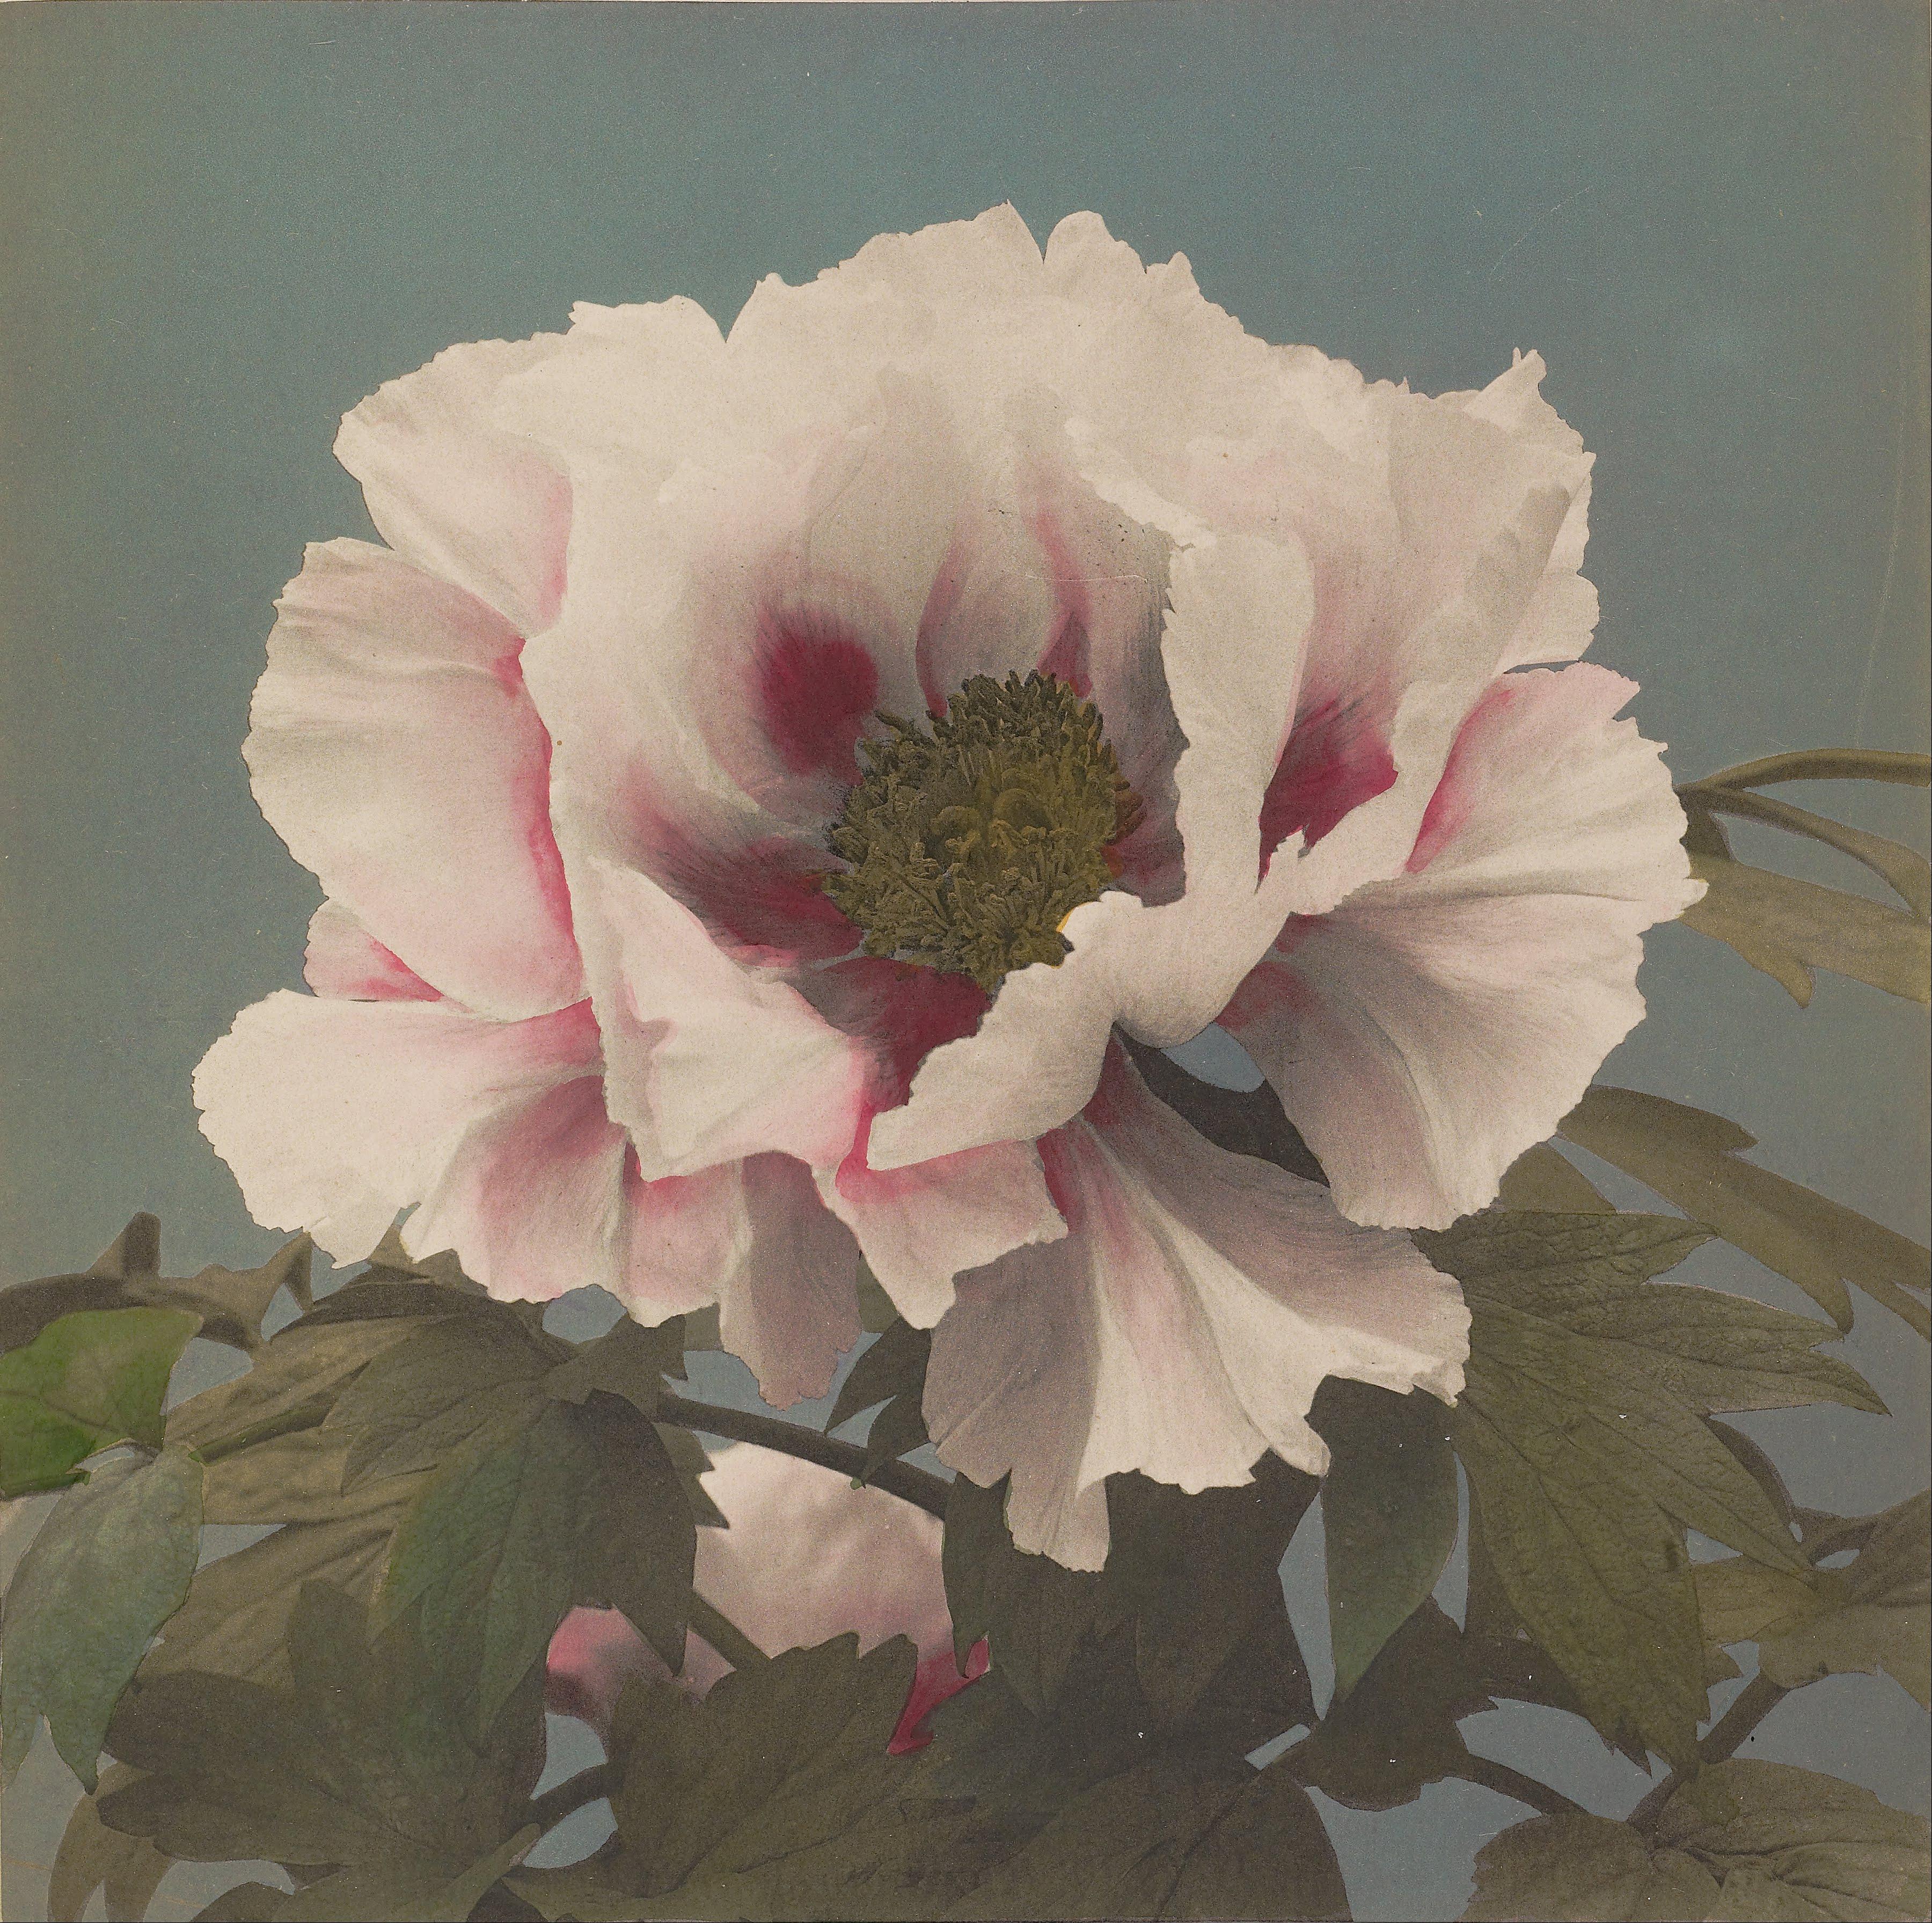 https://upload.wikimedia.org/wikipedia/commons/6/60/Kazumasa_Ogawa_%28Japanese_-_Tree_P%C3%A6ony_-_Google_Art_Project.jpg